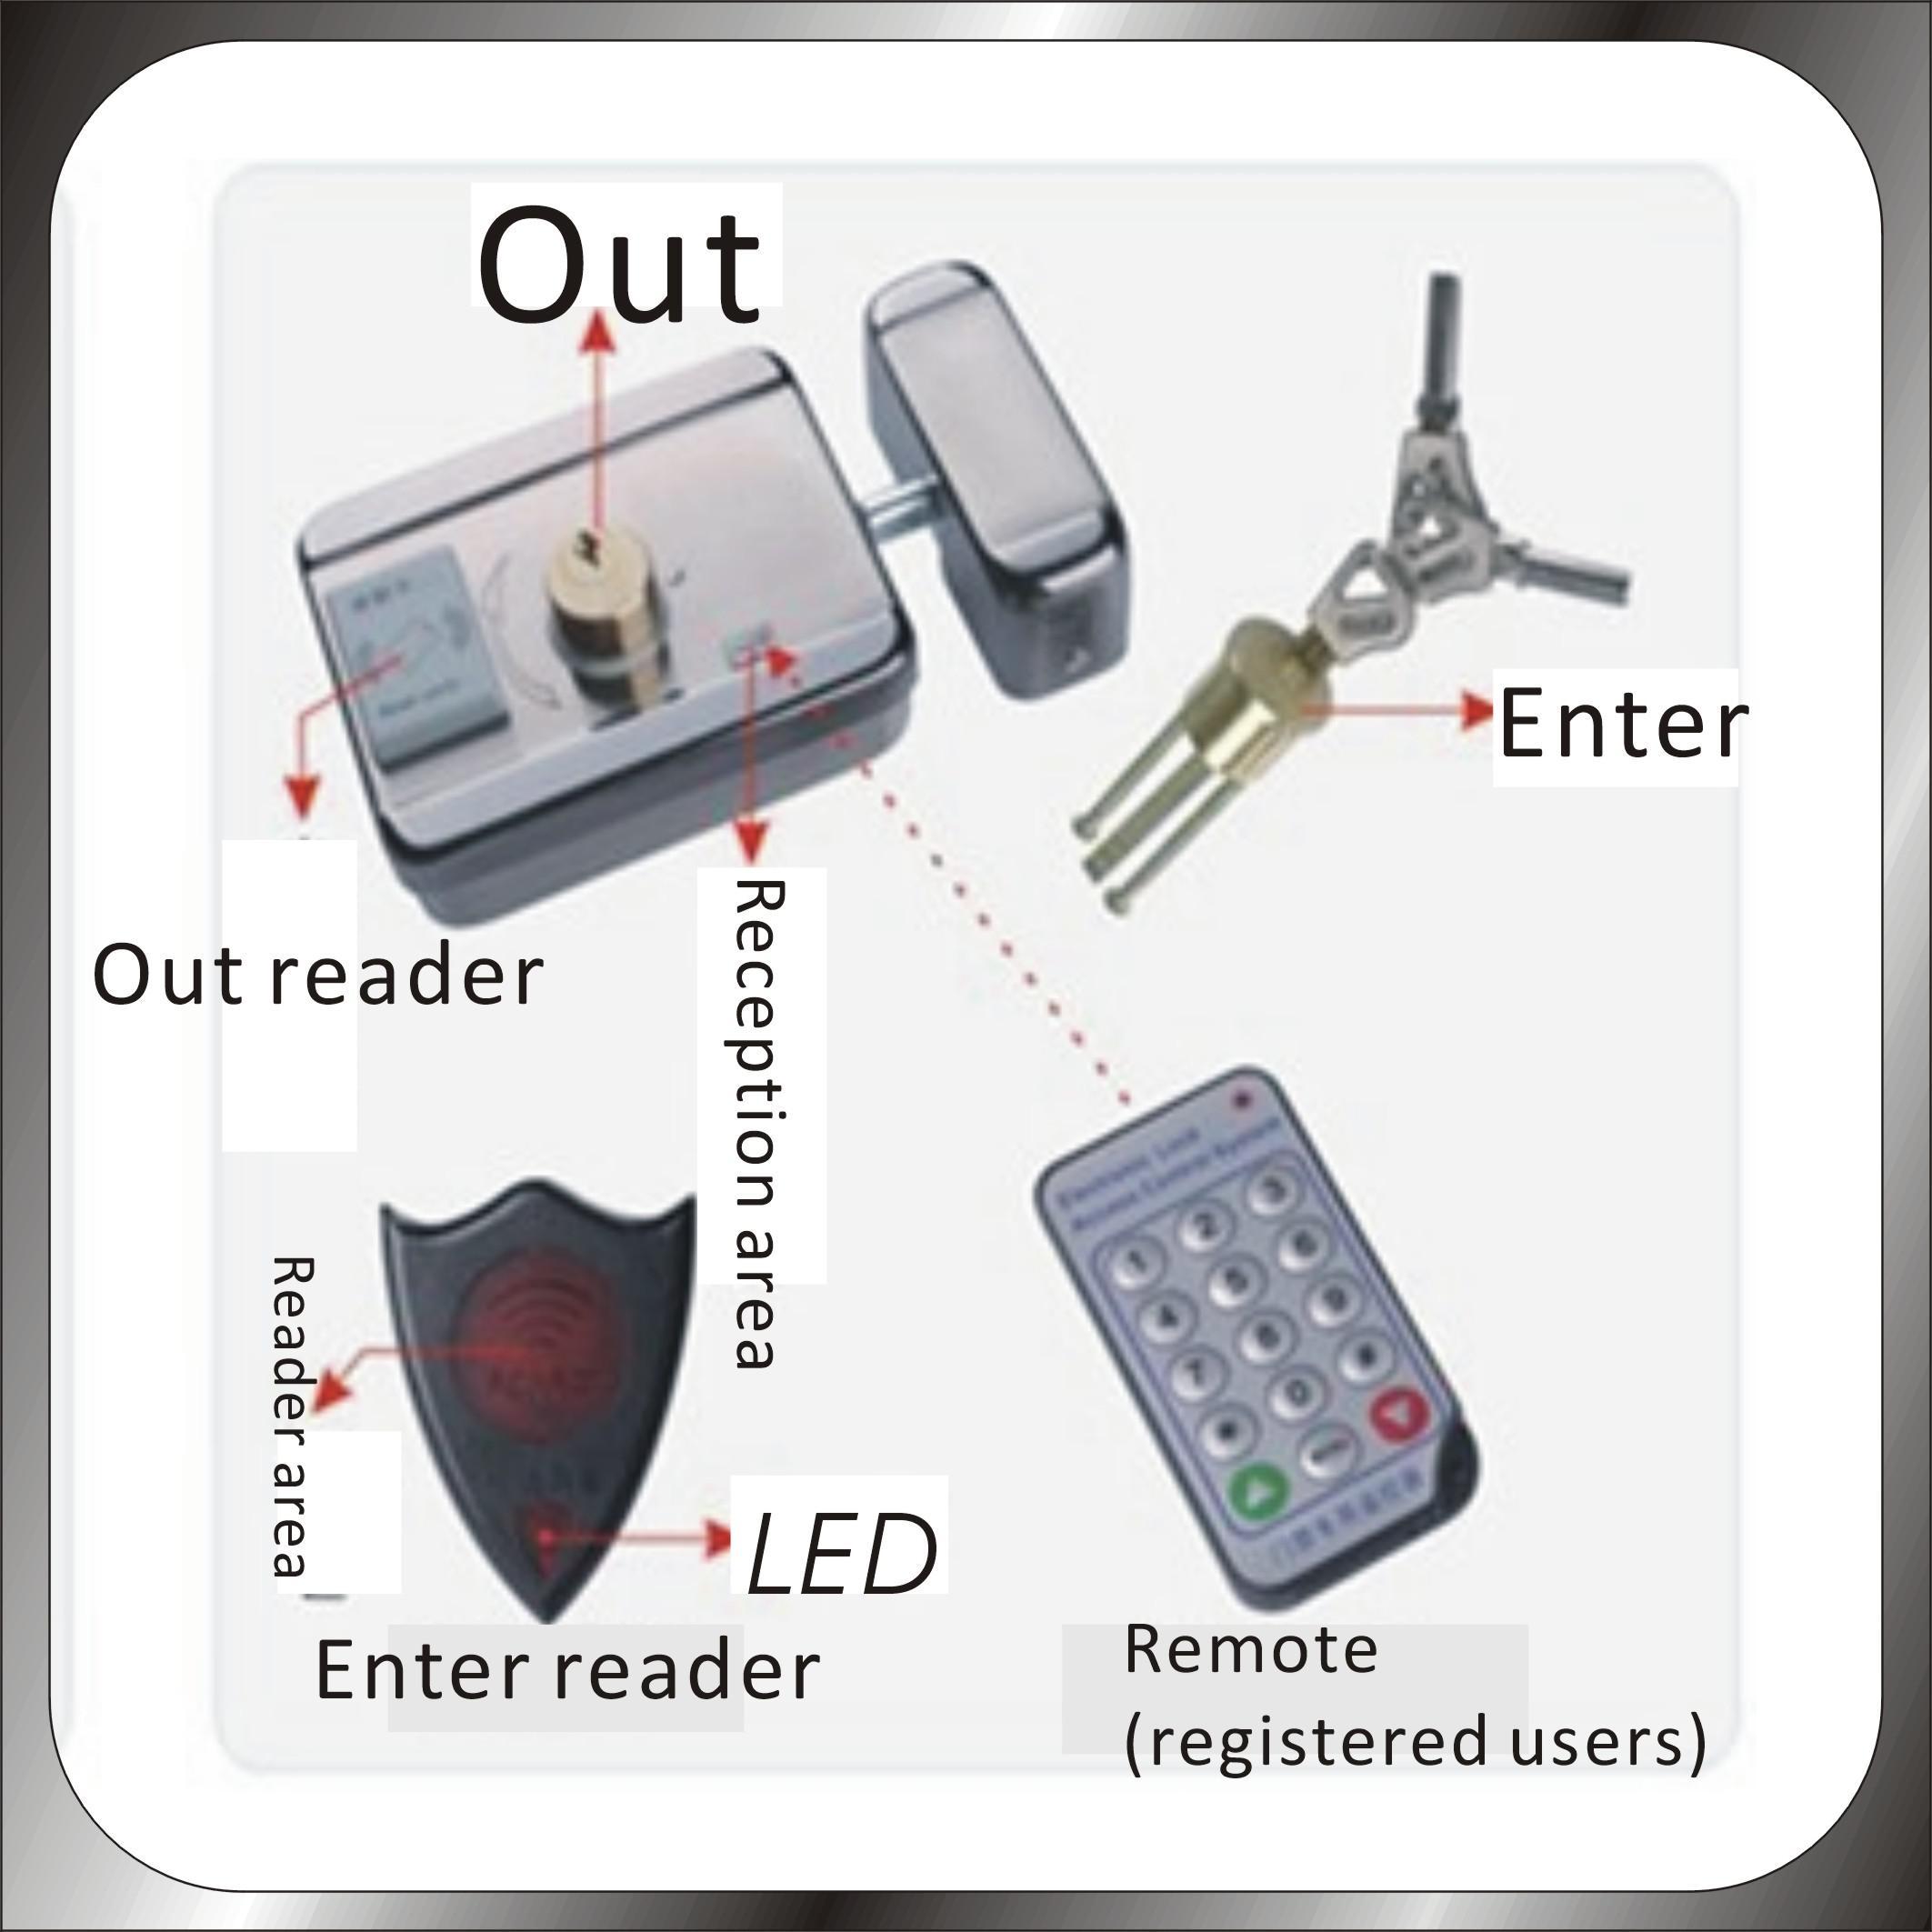 diy 125khz rfid keypad access control system kit. Black Bedroom Furniture Sets. Home Design Ideas